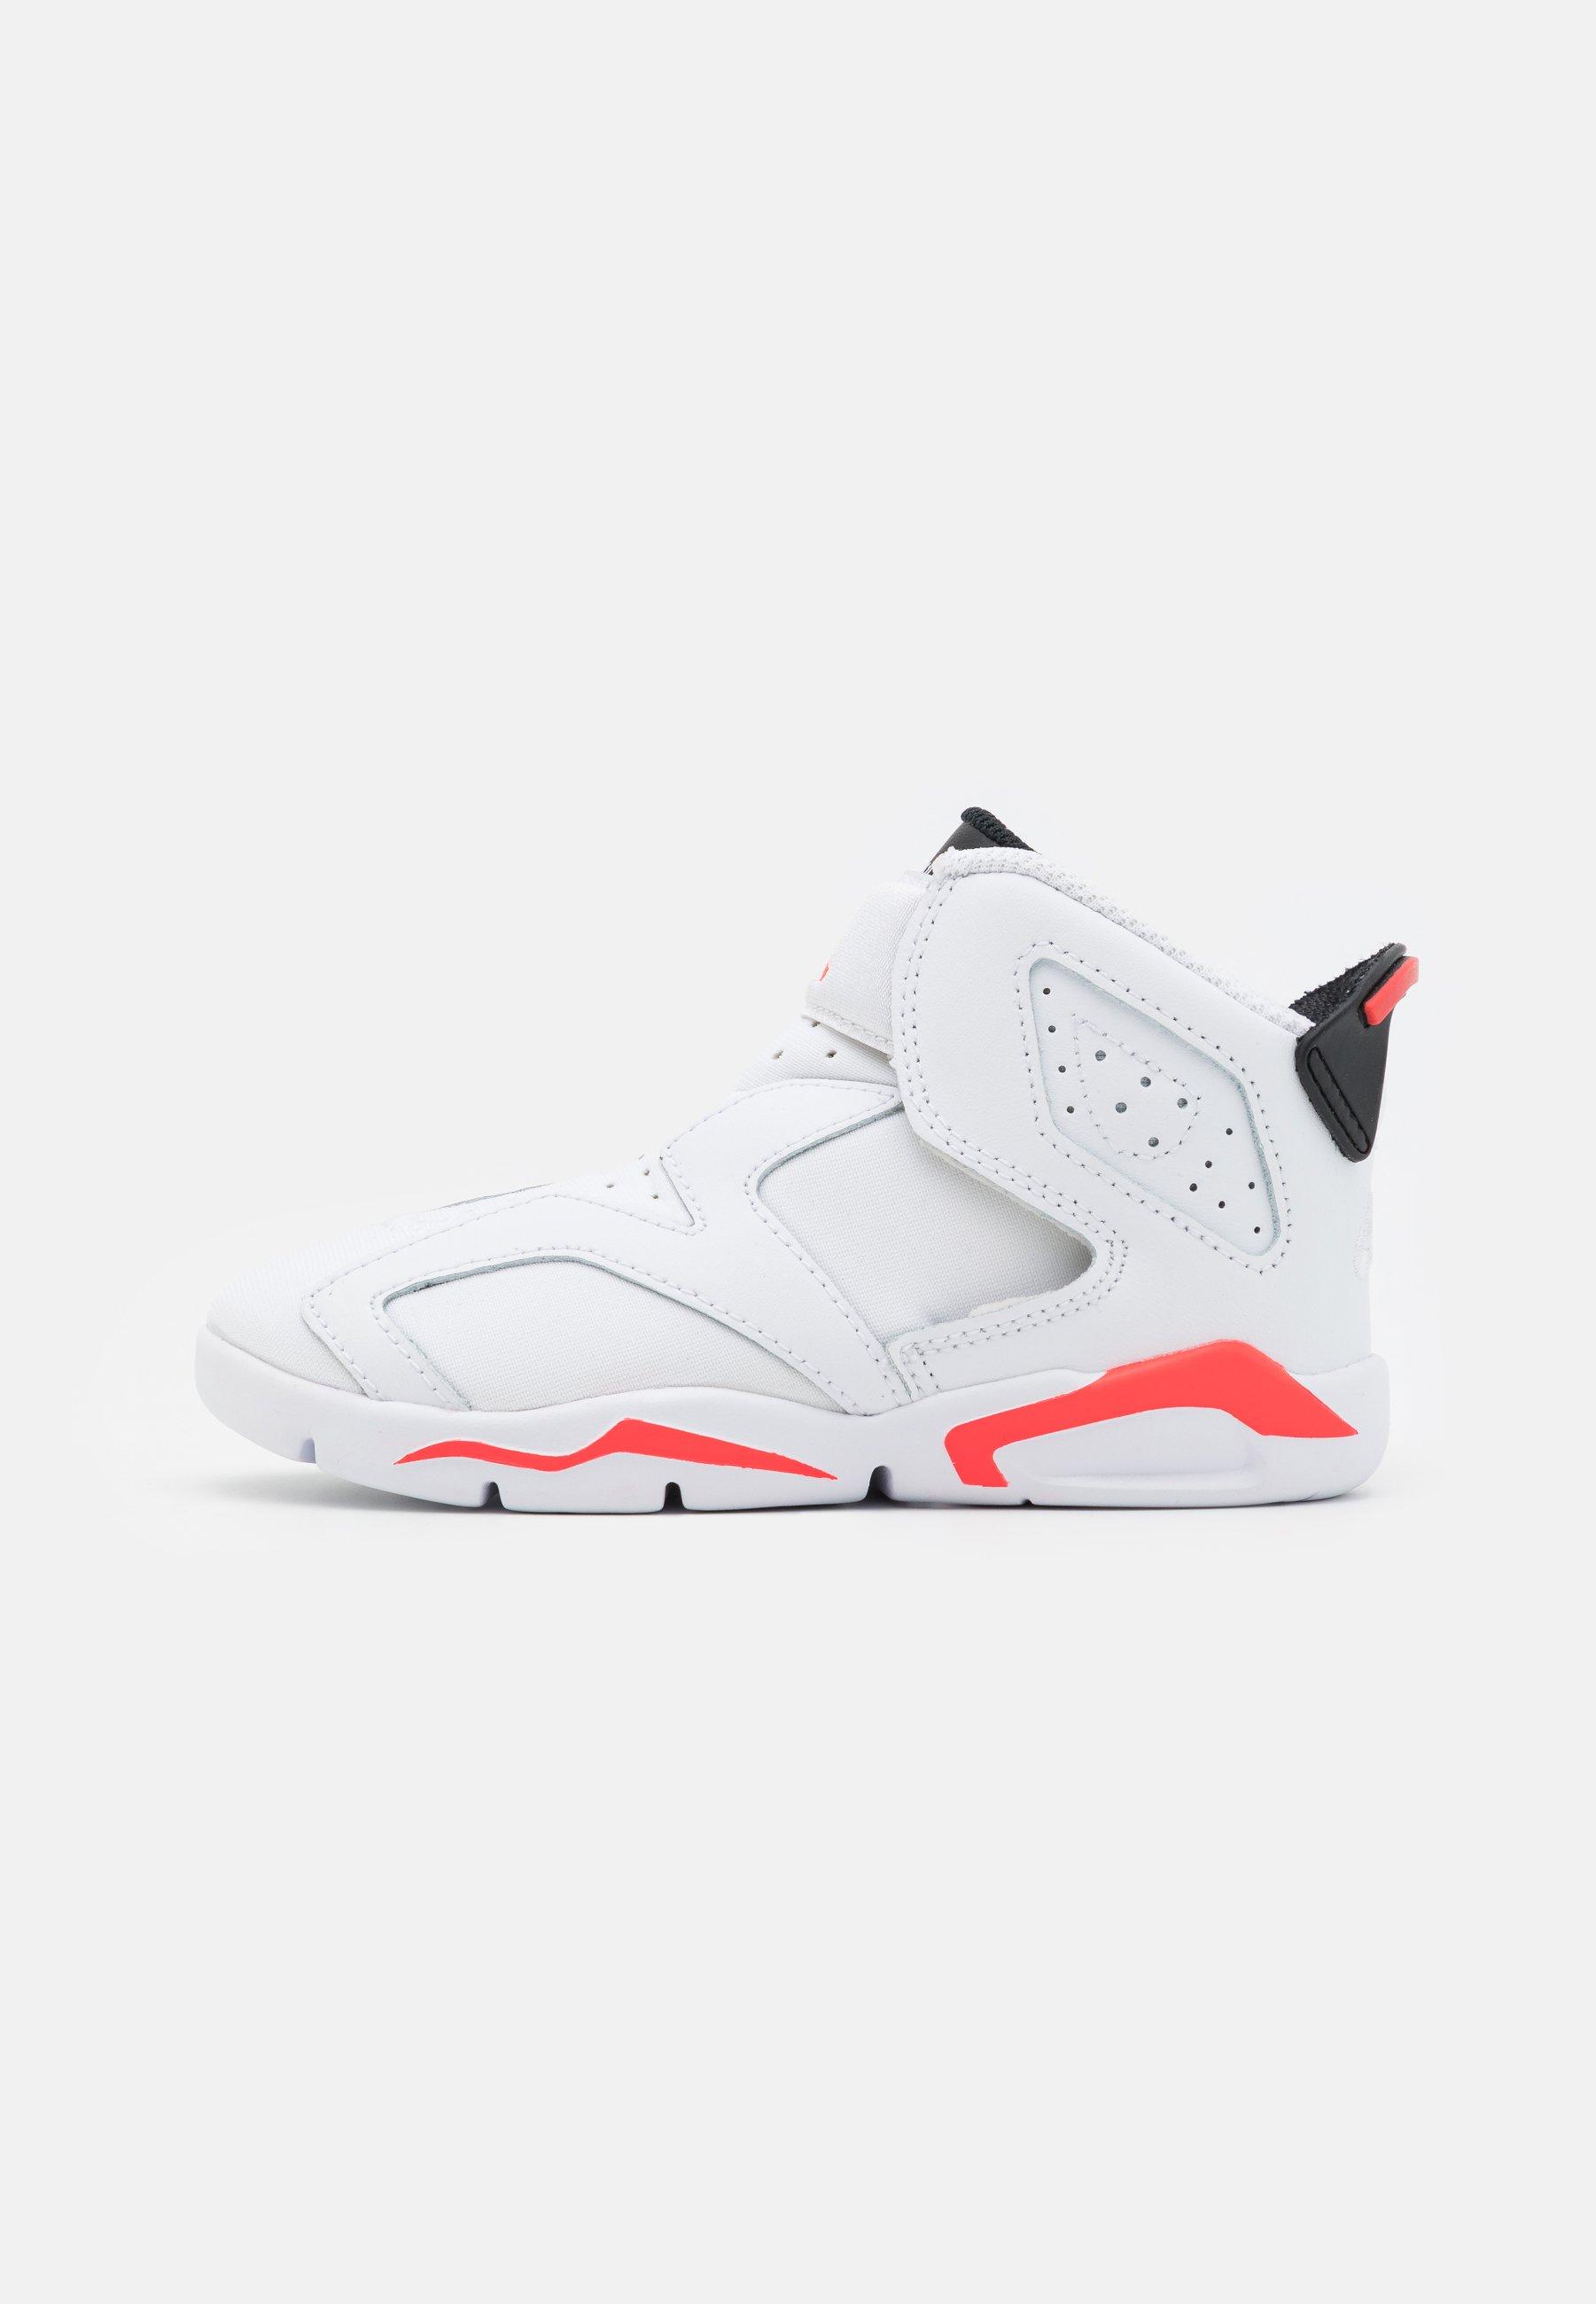 6 RETRO LITTLE FLEX UNISEX - Chaussures de basket - white/infrared/black